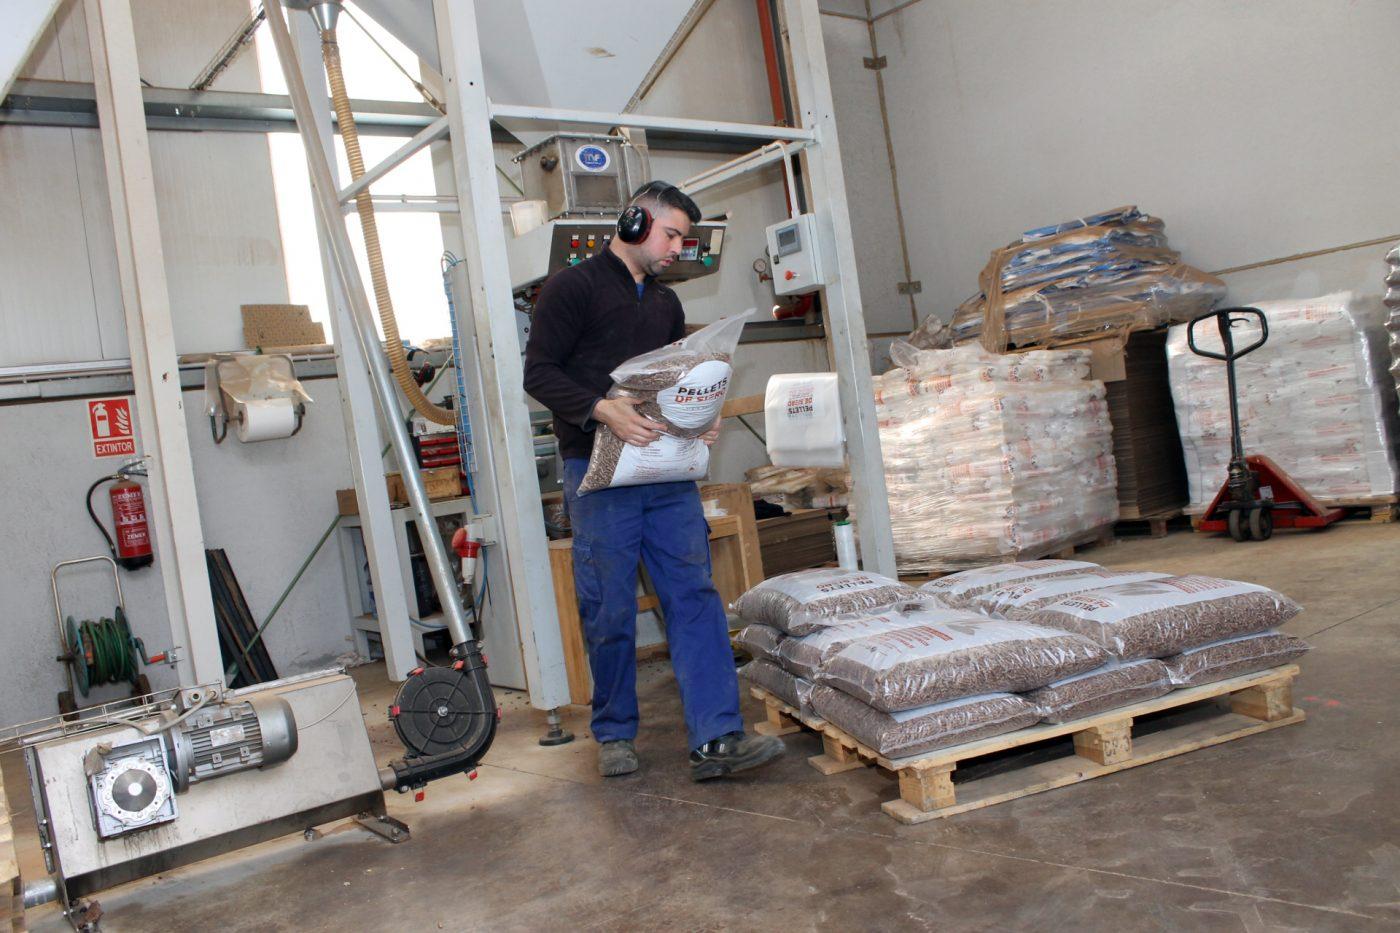 El sector de la biomasa sigue trabajando para llevar la energía a la población